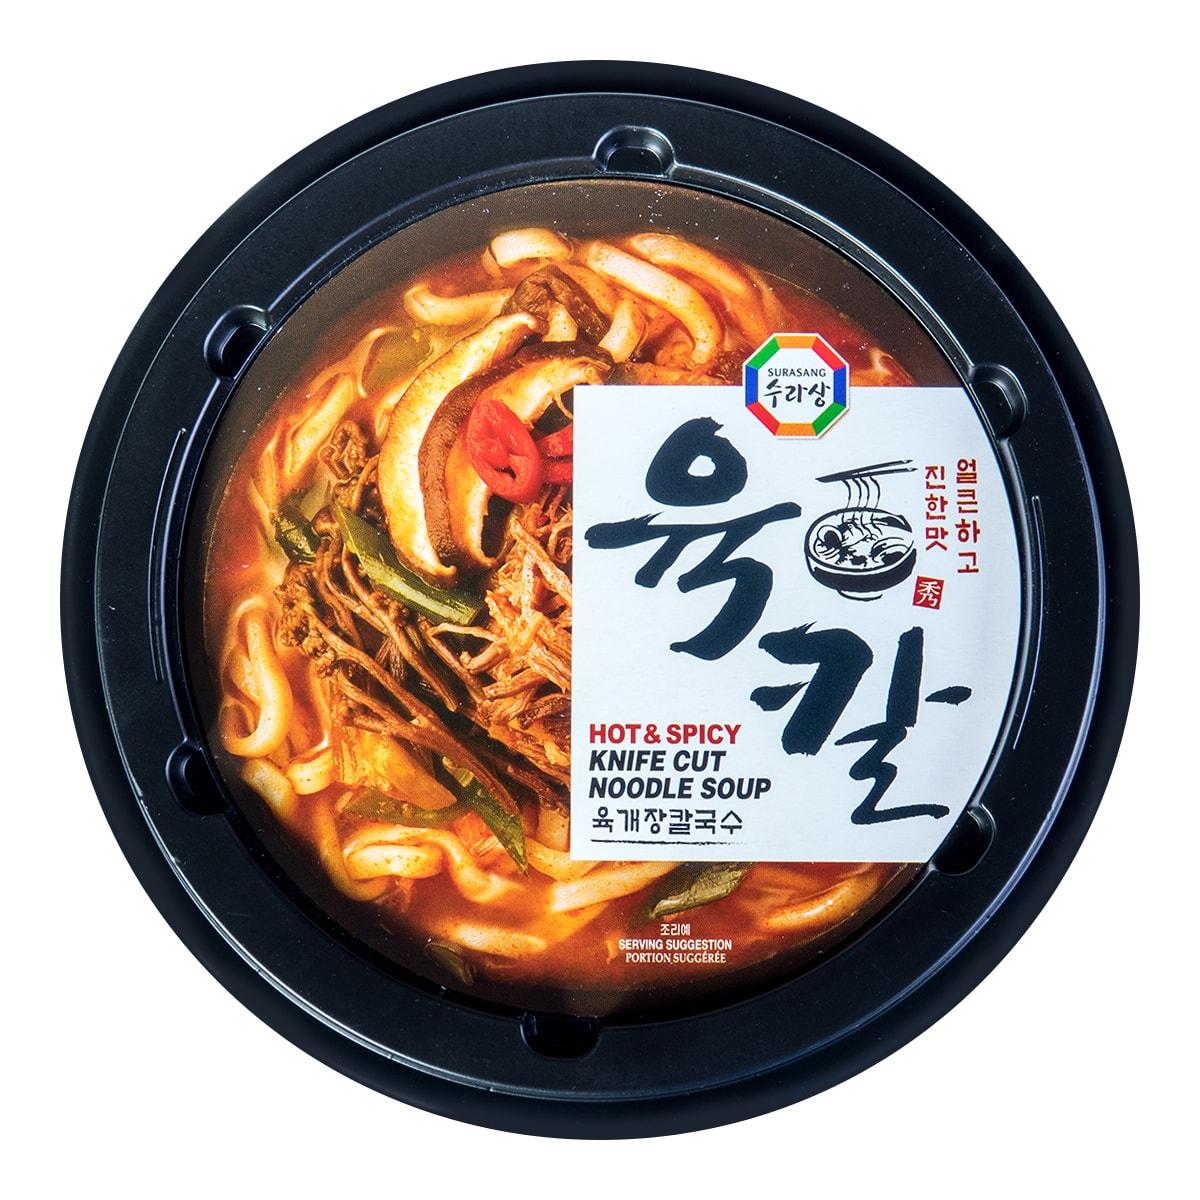 韩国SURASANG三进牌 牛肉汤刀切面 198g